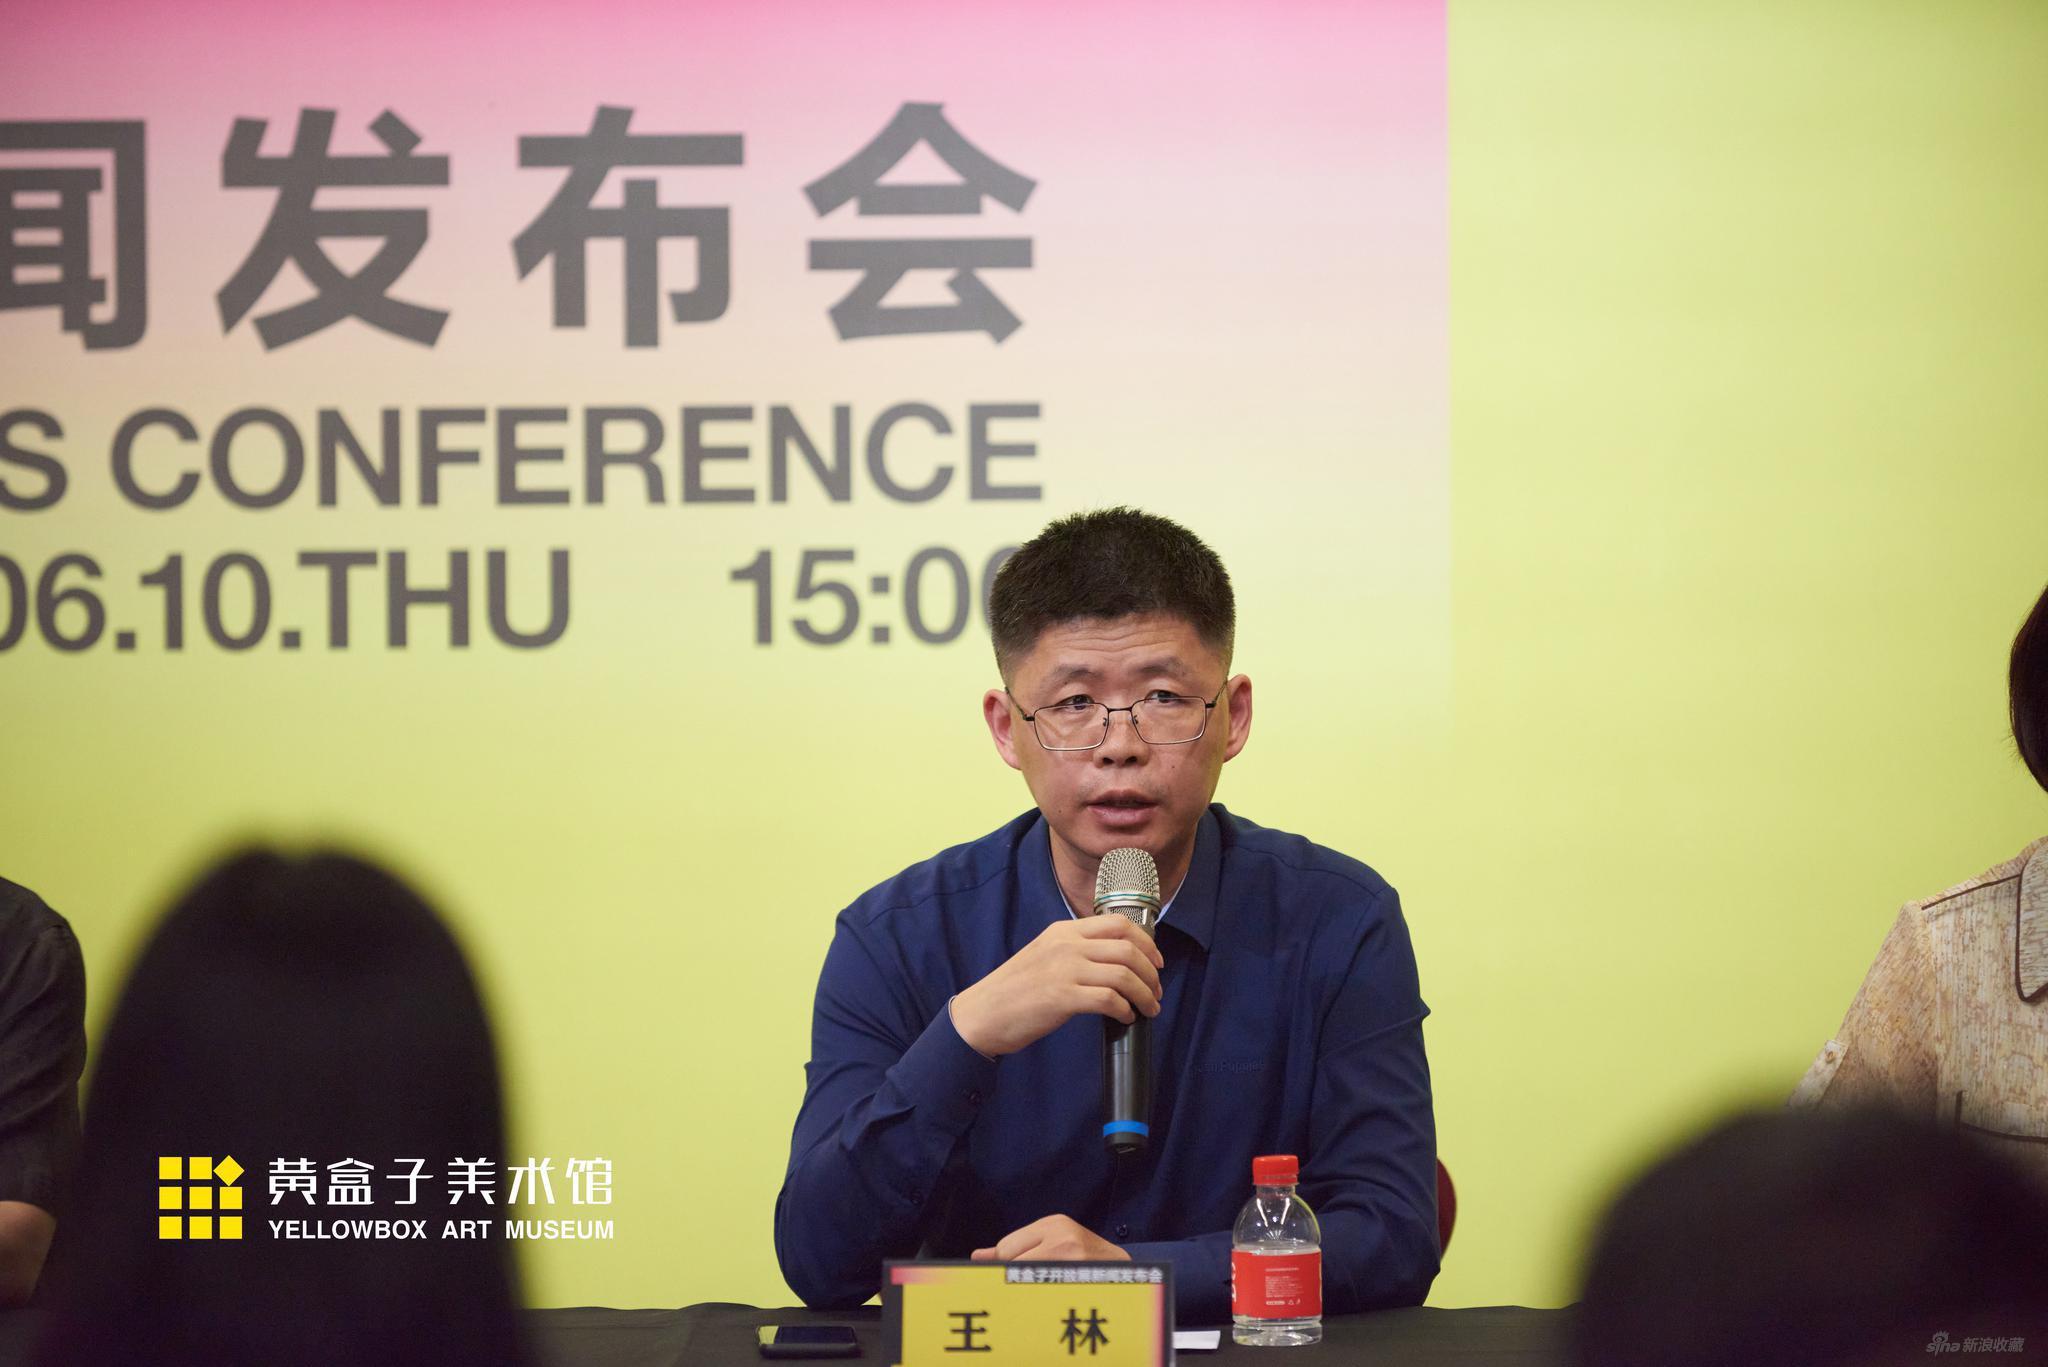 中纺亿联执行董事、青岛国际时装周主办人王林致辞